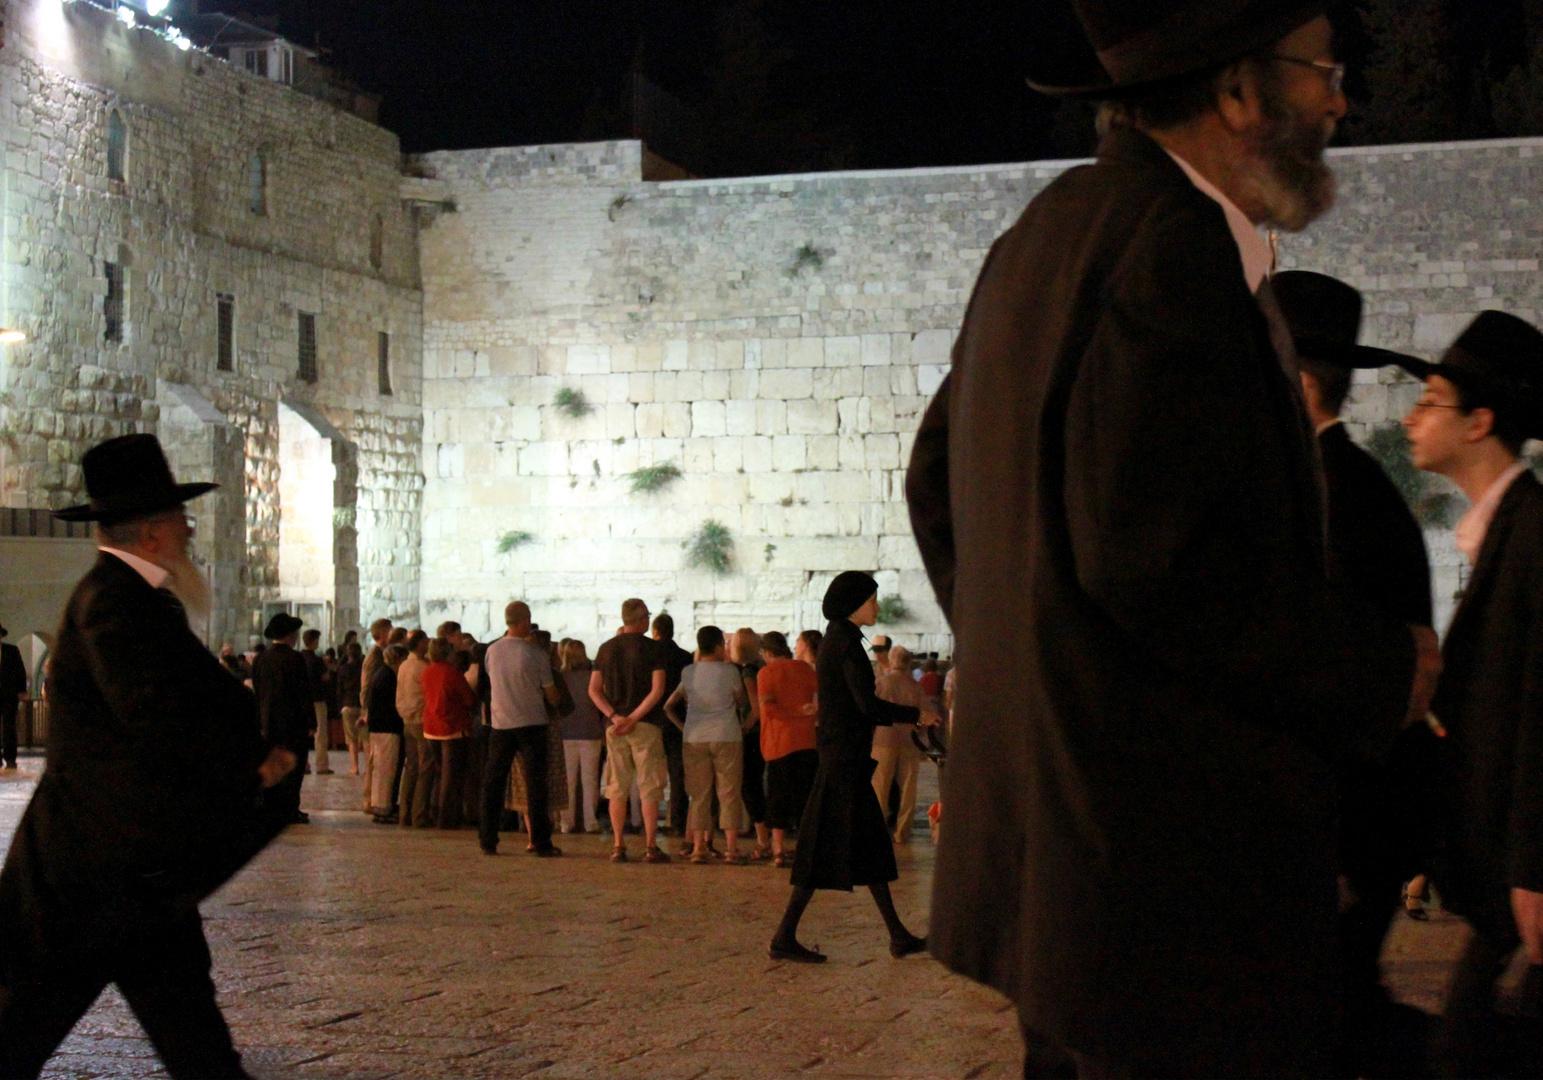 Samstag Abend vor der Klagemauer - emsiges Treiben, Juni 2010